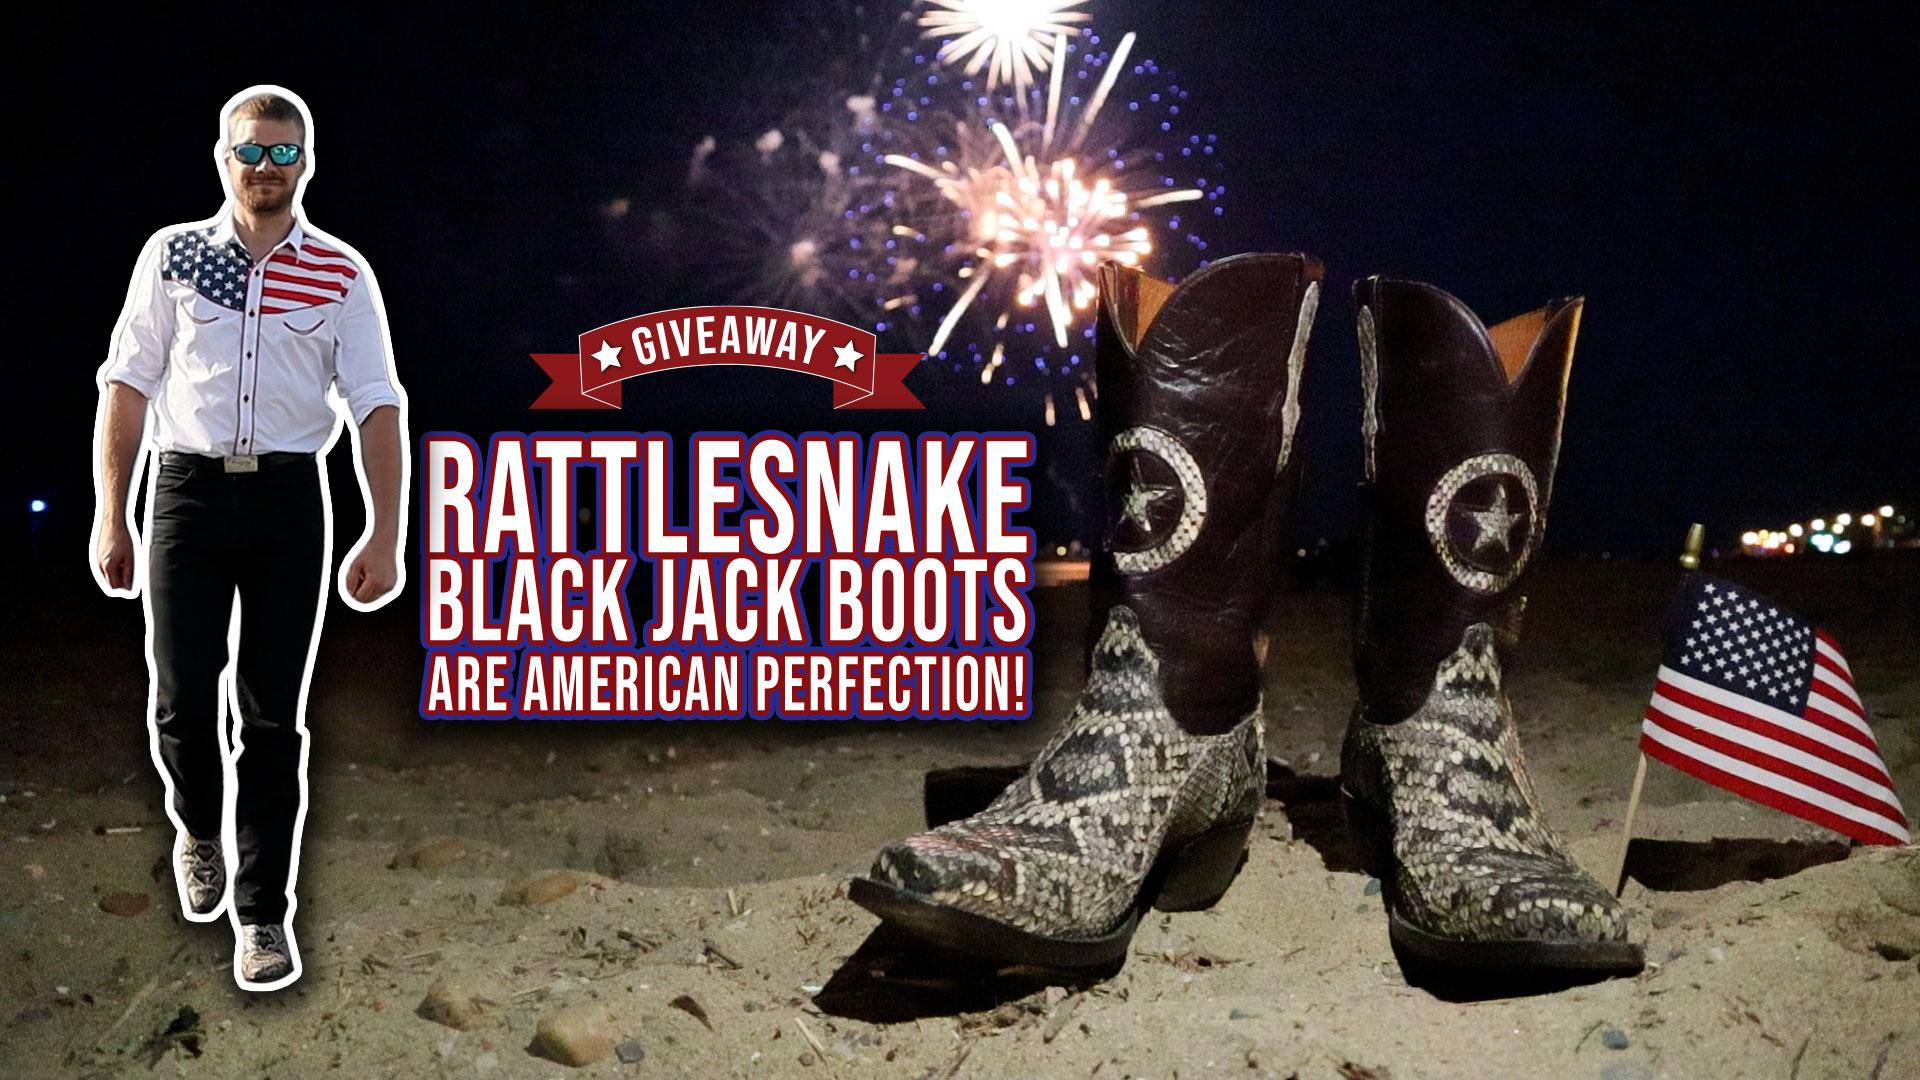 rattlesnake black jack boots giveaway